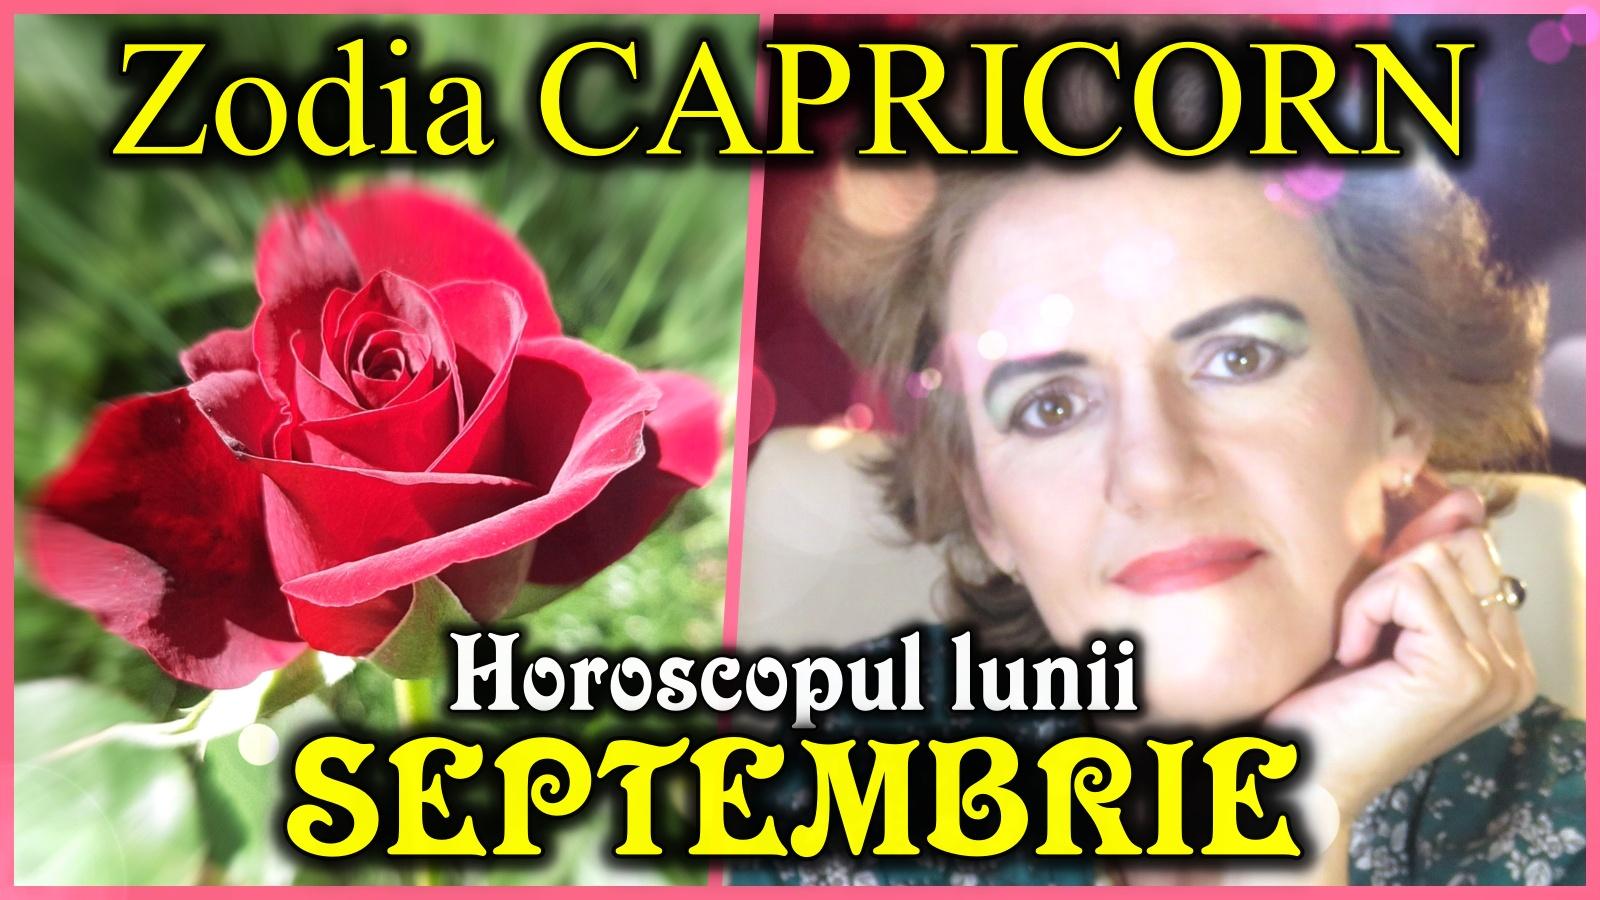 Horoscopul lunii SEPTEMBRIE * Zodia CAPRICORNULUI